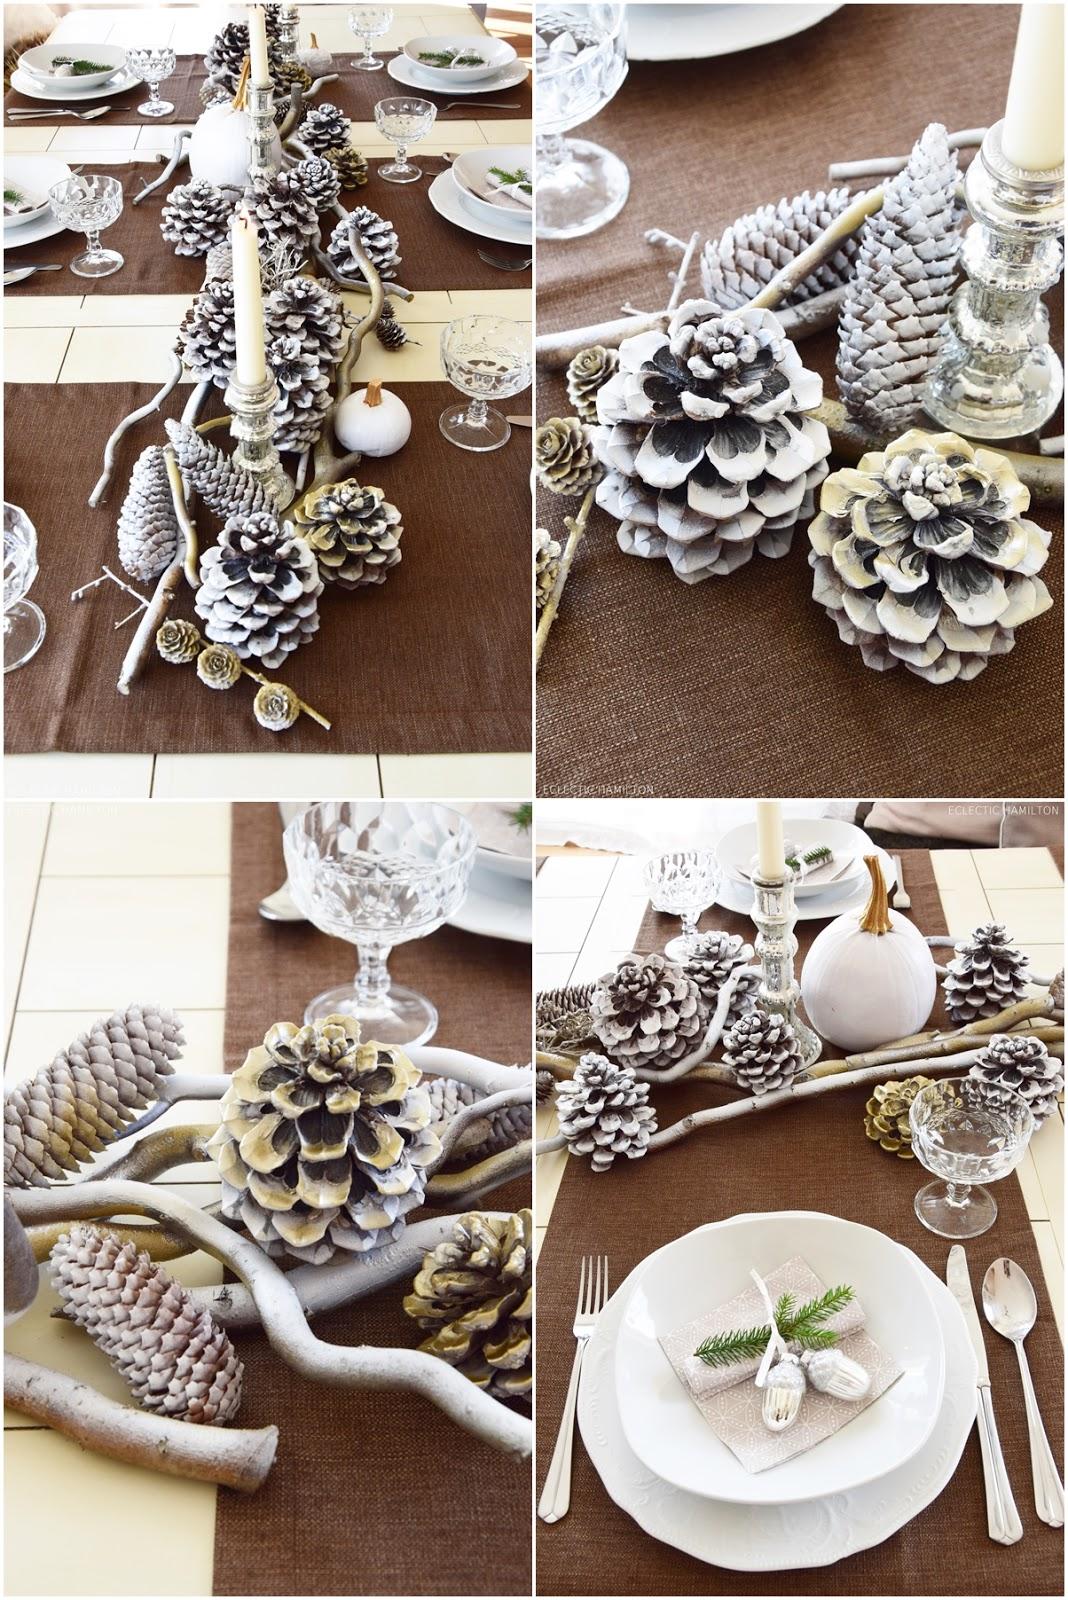 Tischdeko Für Winter Und Weihnachten Mit Natur. Dekoidee Naturmaterialien:  Kürbis Zapfen Äste, Deko